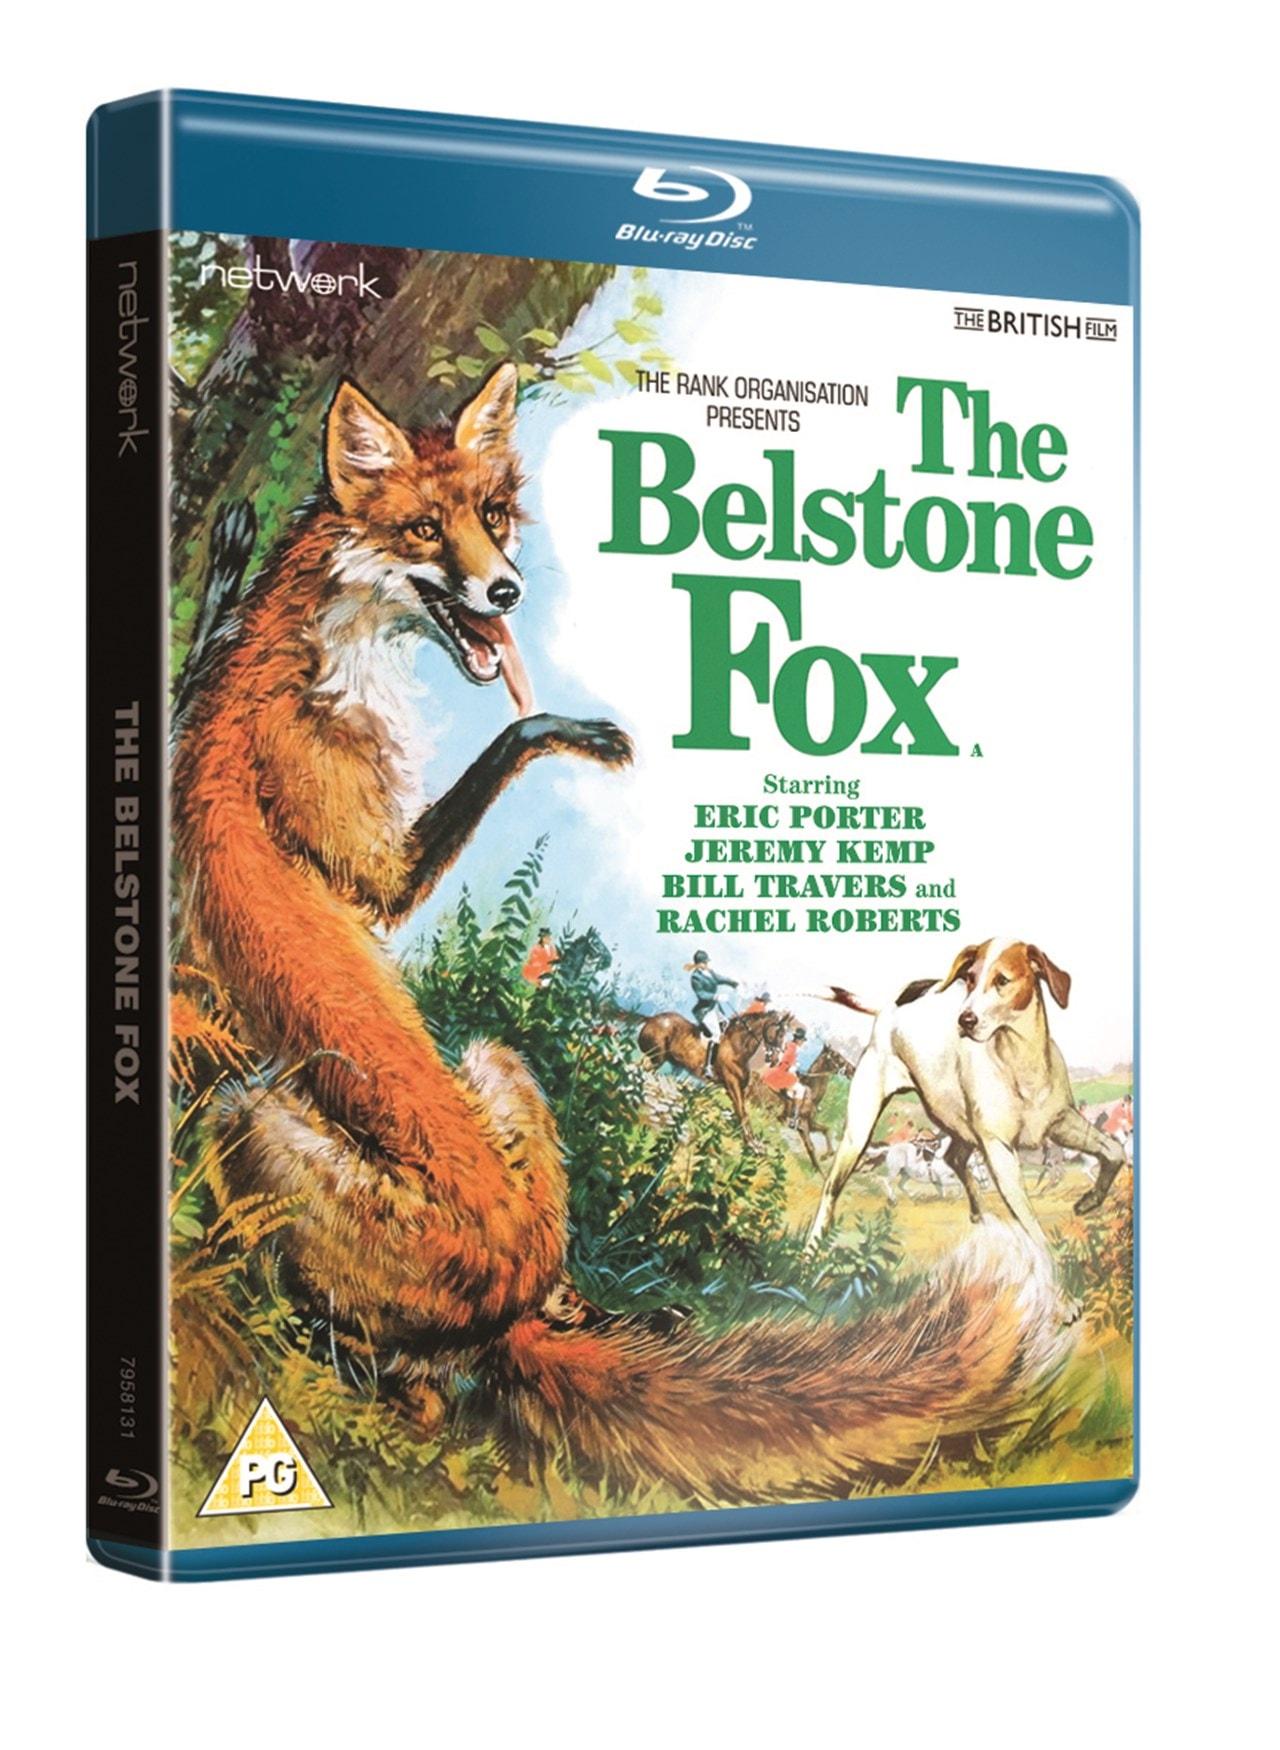 The Belstone Fox - 2